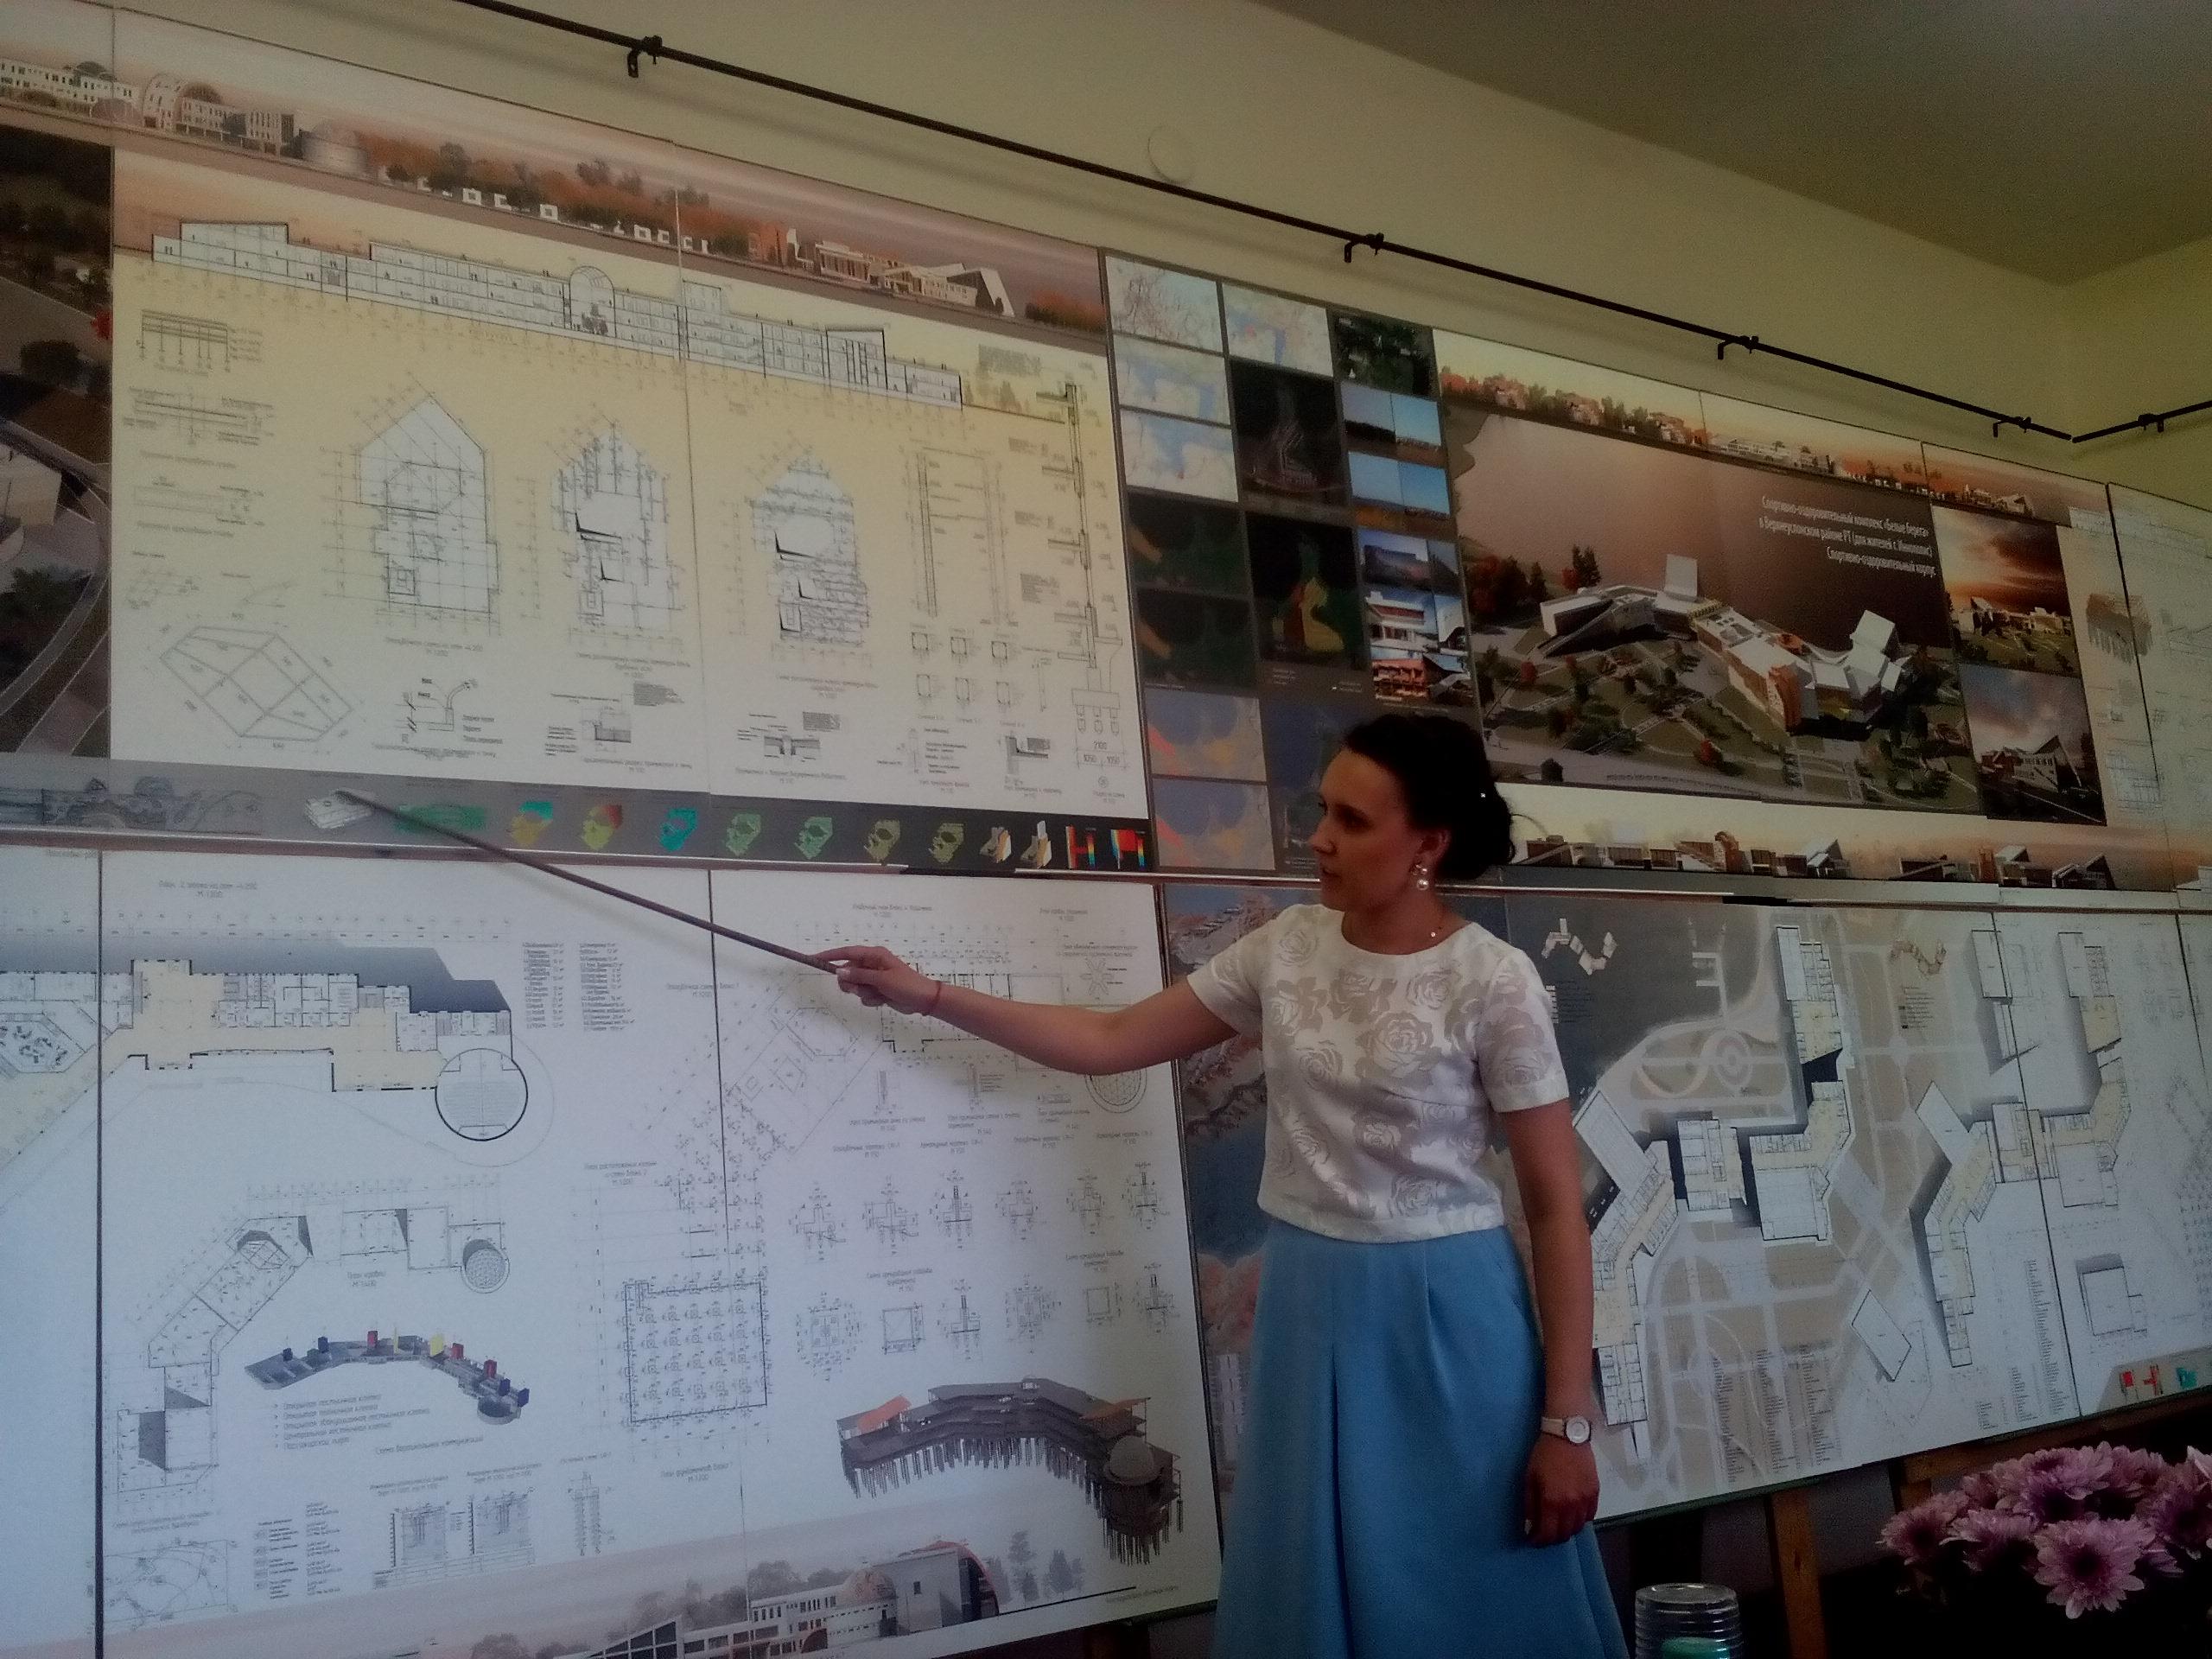 ИАиД КГАСУ завершились защиты дипломных работ бакалавров по  В ИАиД КГАСУ завершились защиты дипломных работ бакалавров по профилю Проектирование зданий были представлены объекты